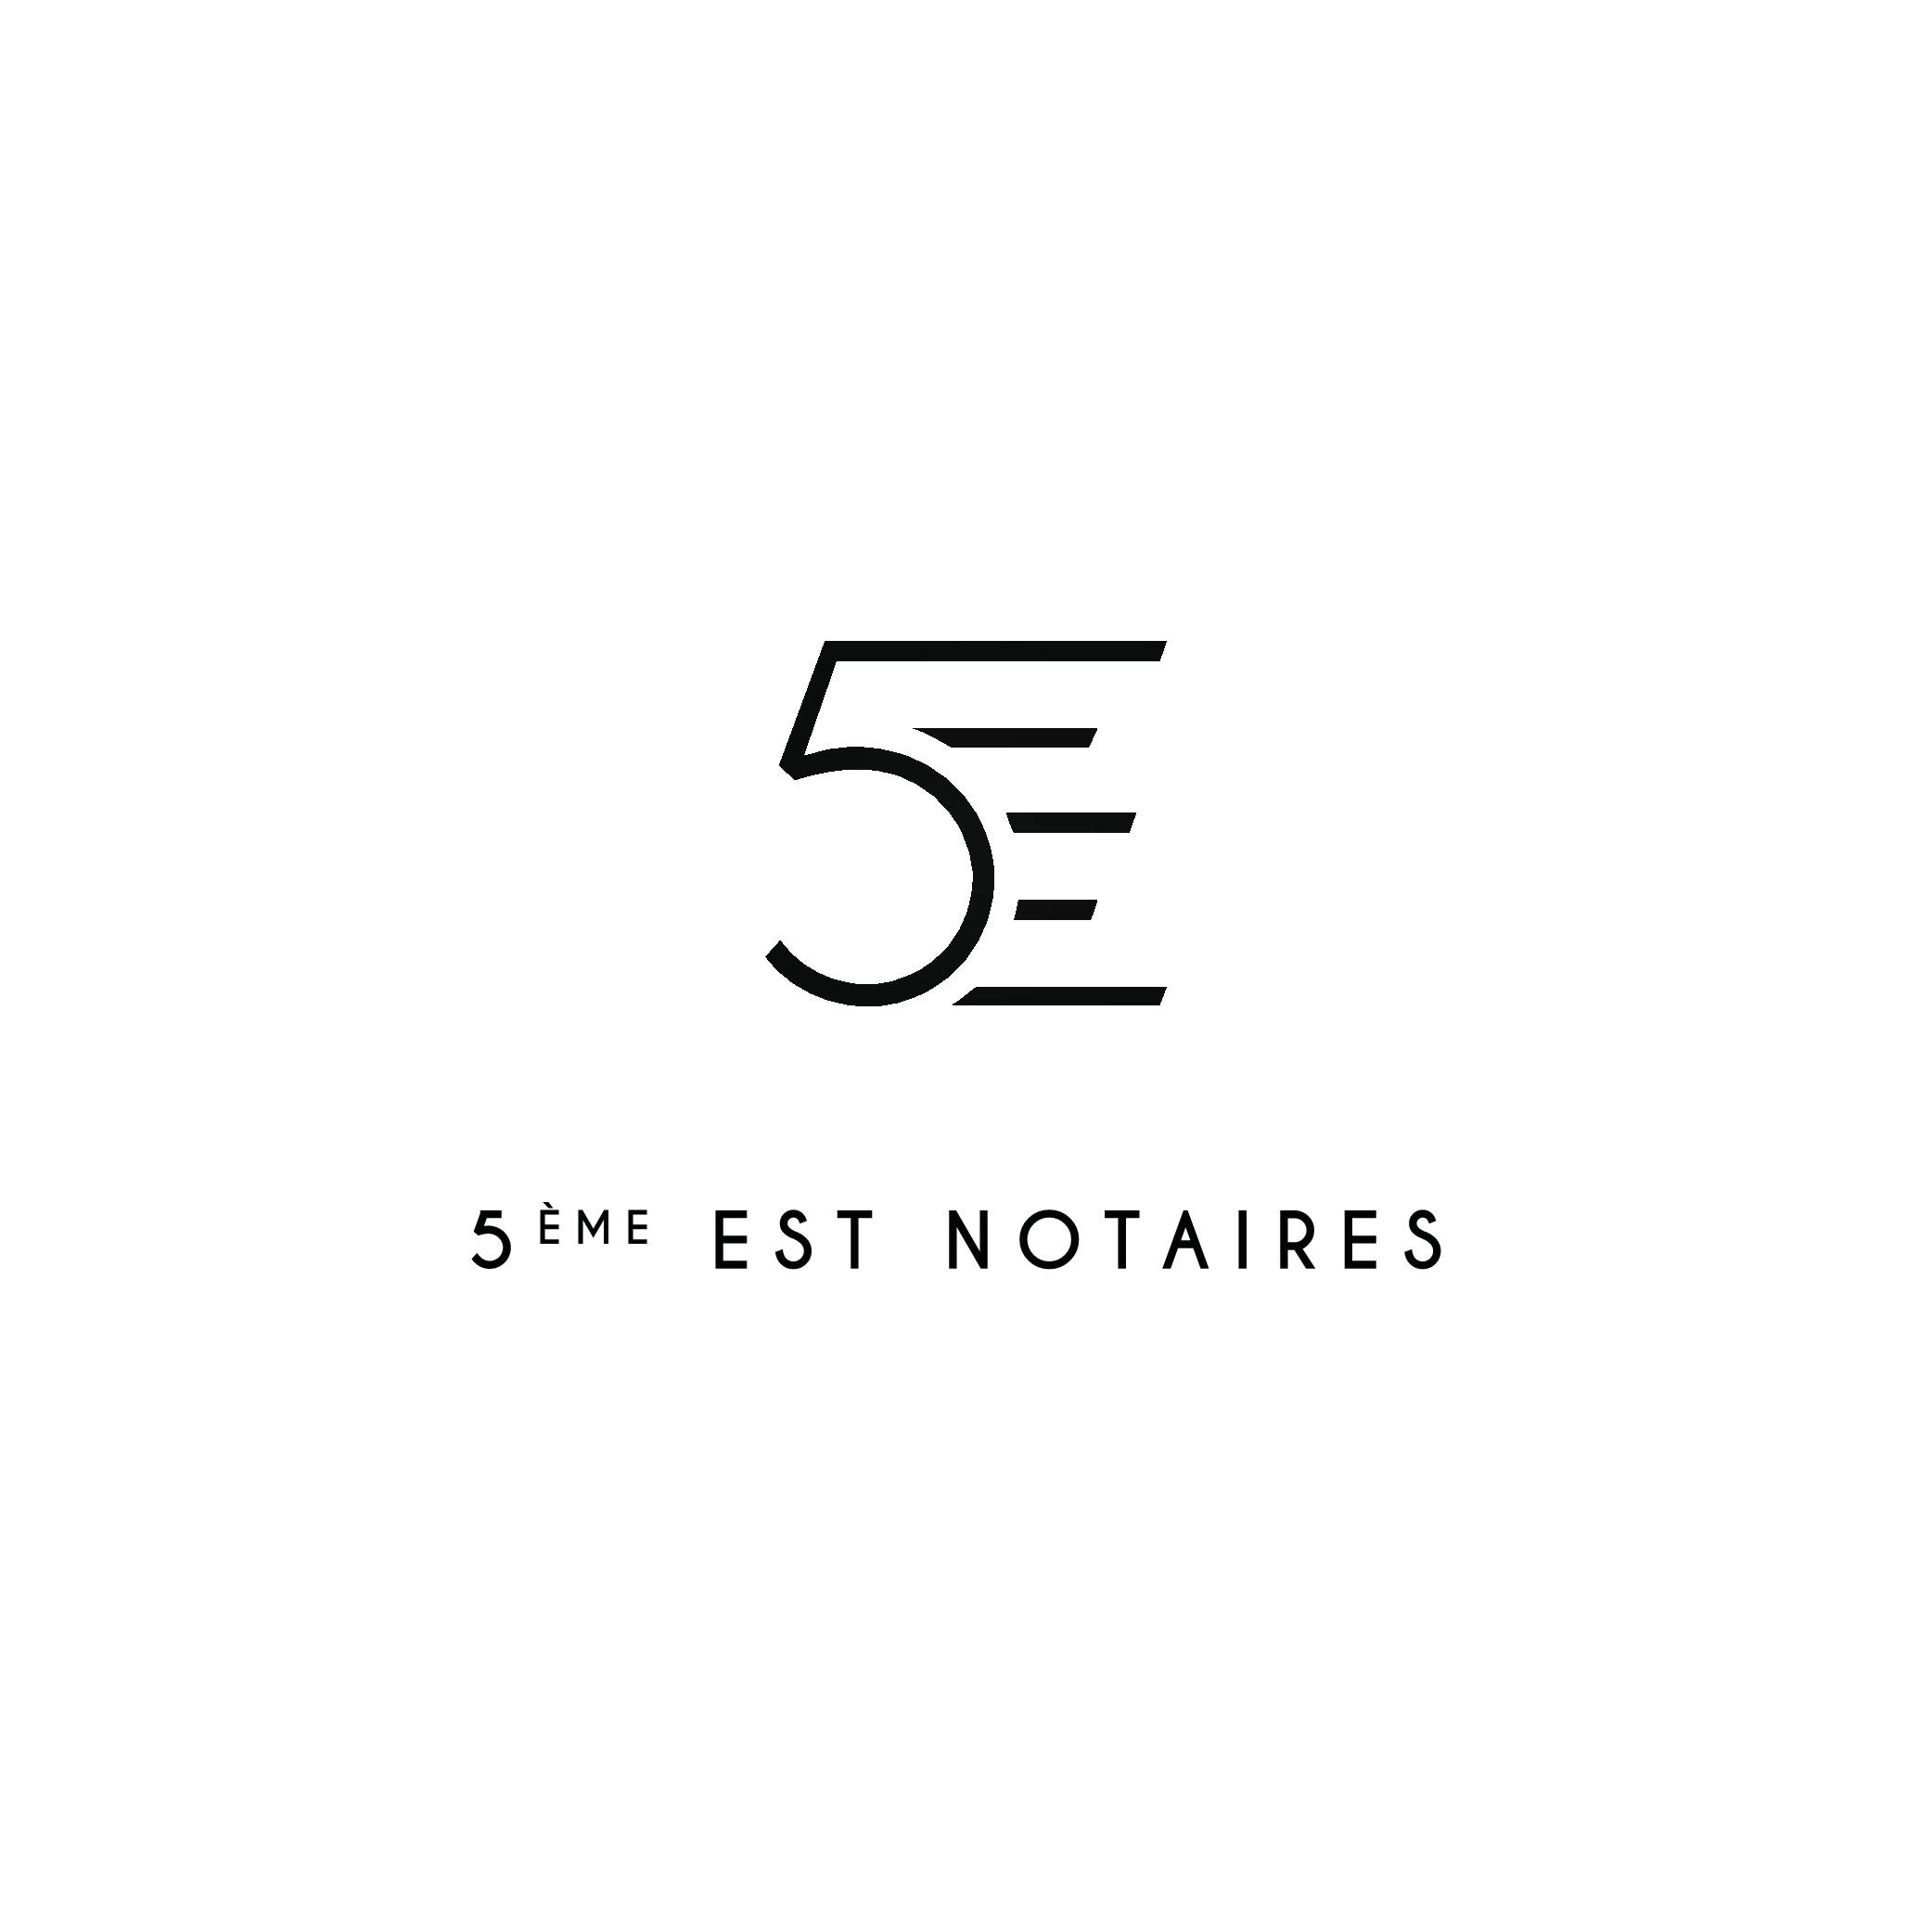 Créer un logo moderne pour 5ème EST NOTAIRES